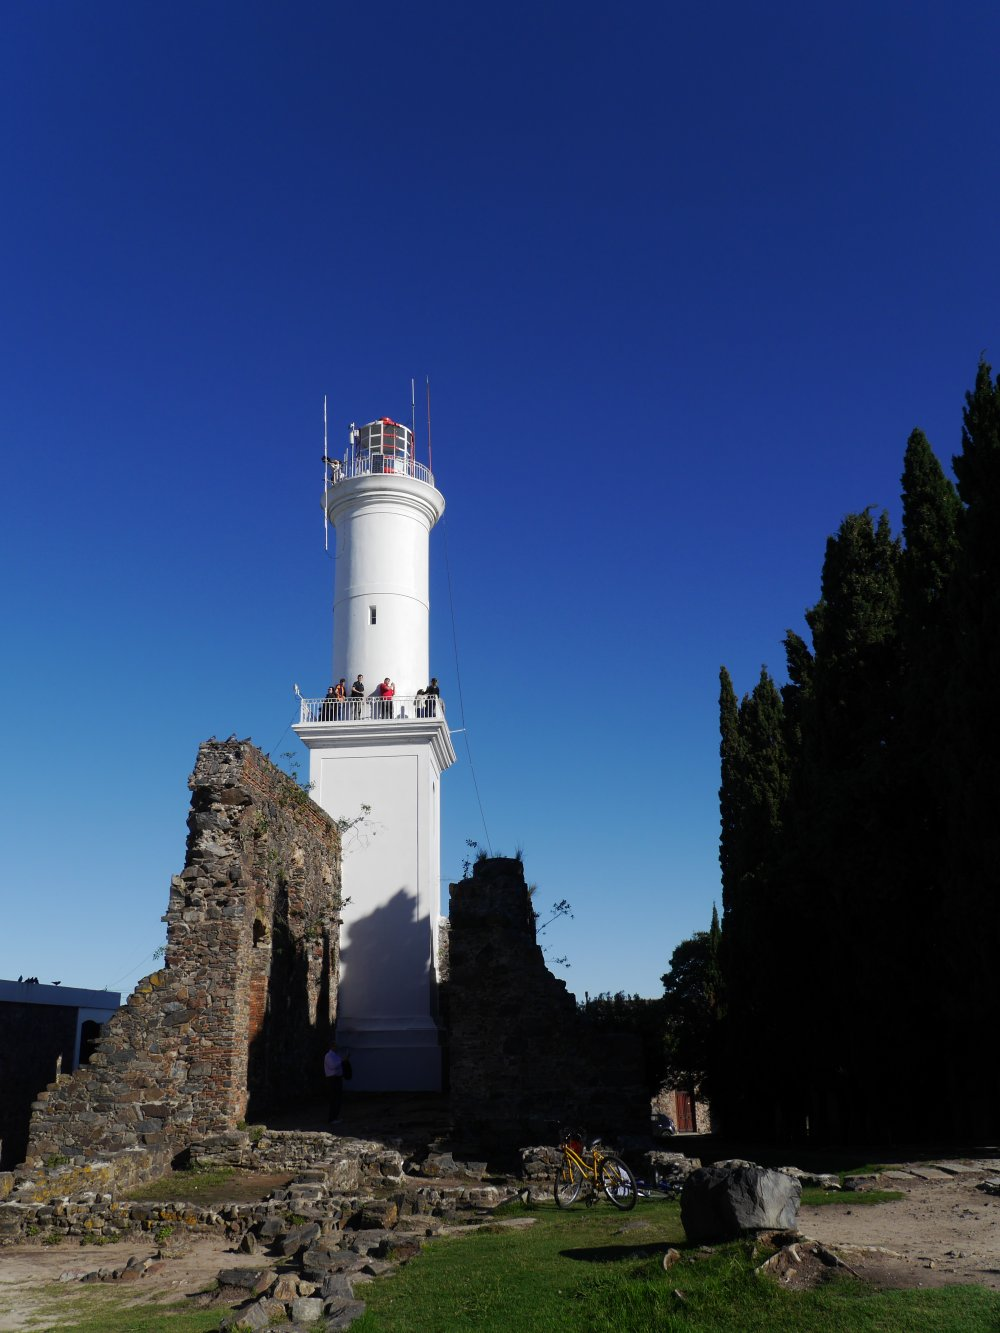 Weißer Leuchtturm vor blauem Himmel.